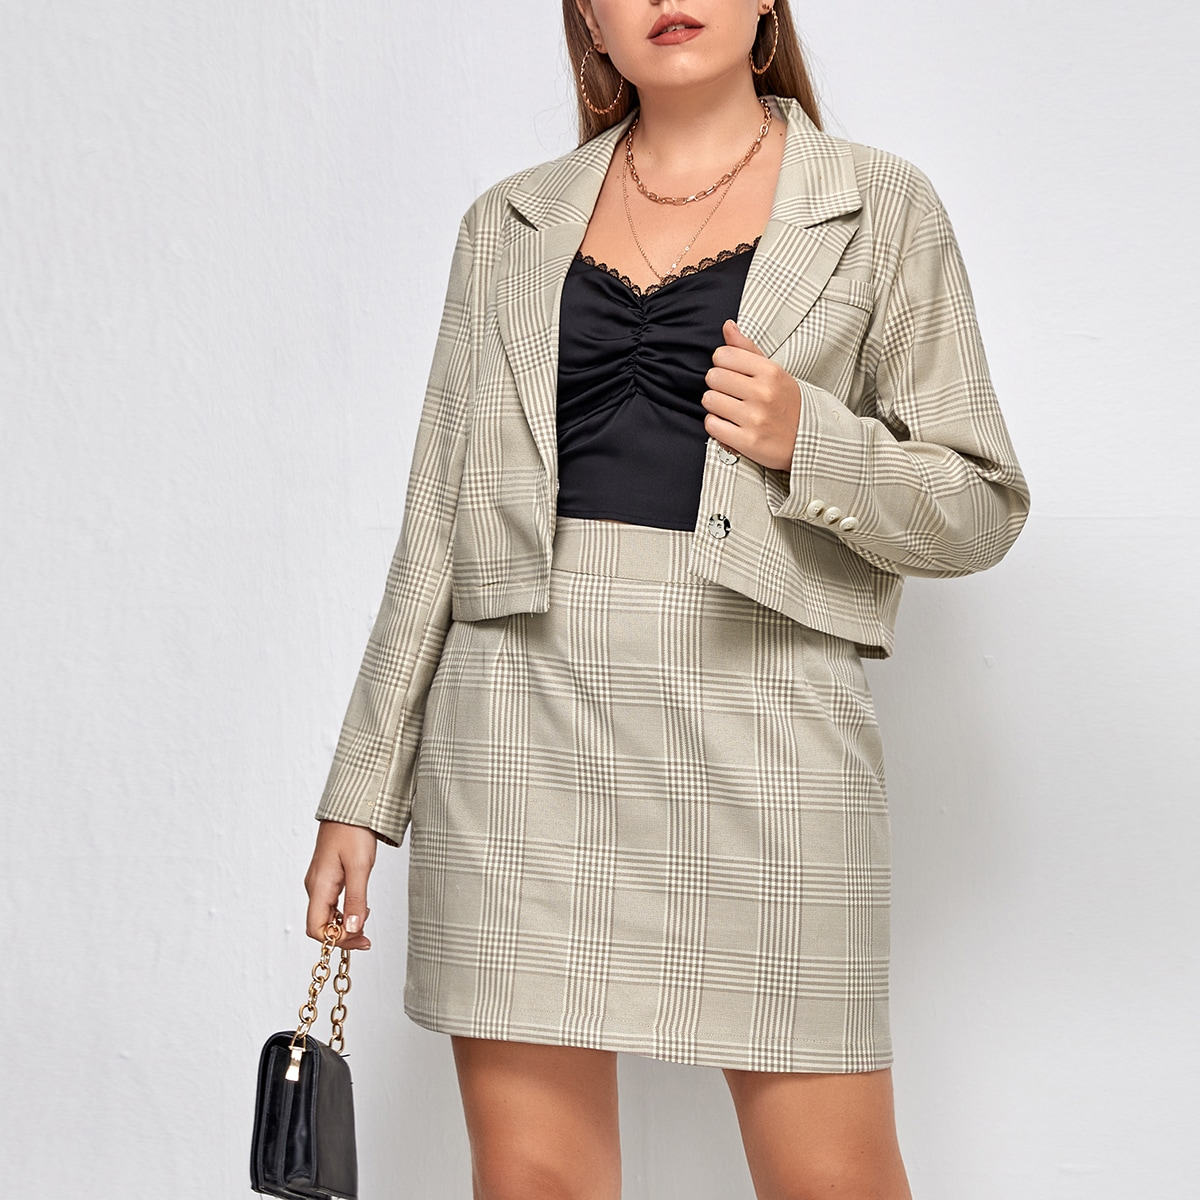 Пиджак с лацканами и юбка в клетку размера плюс